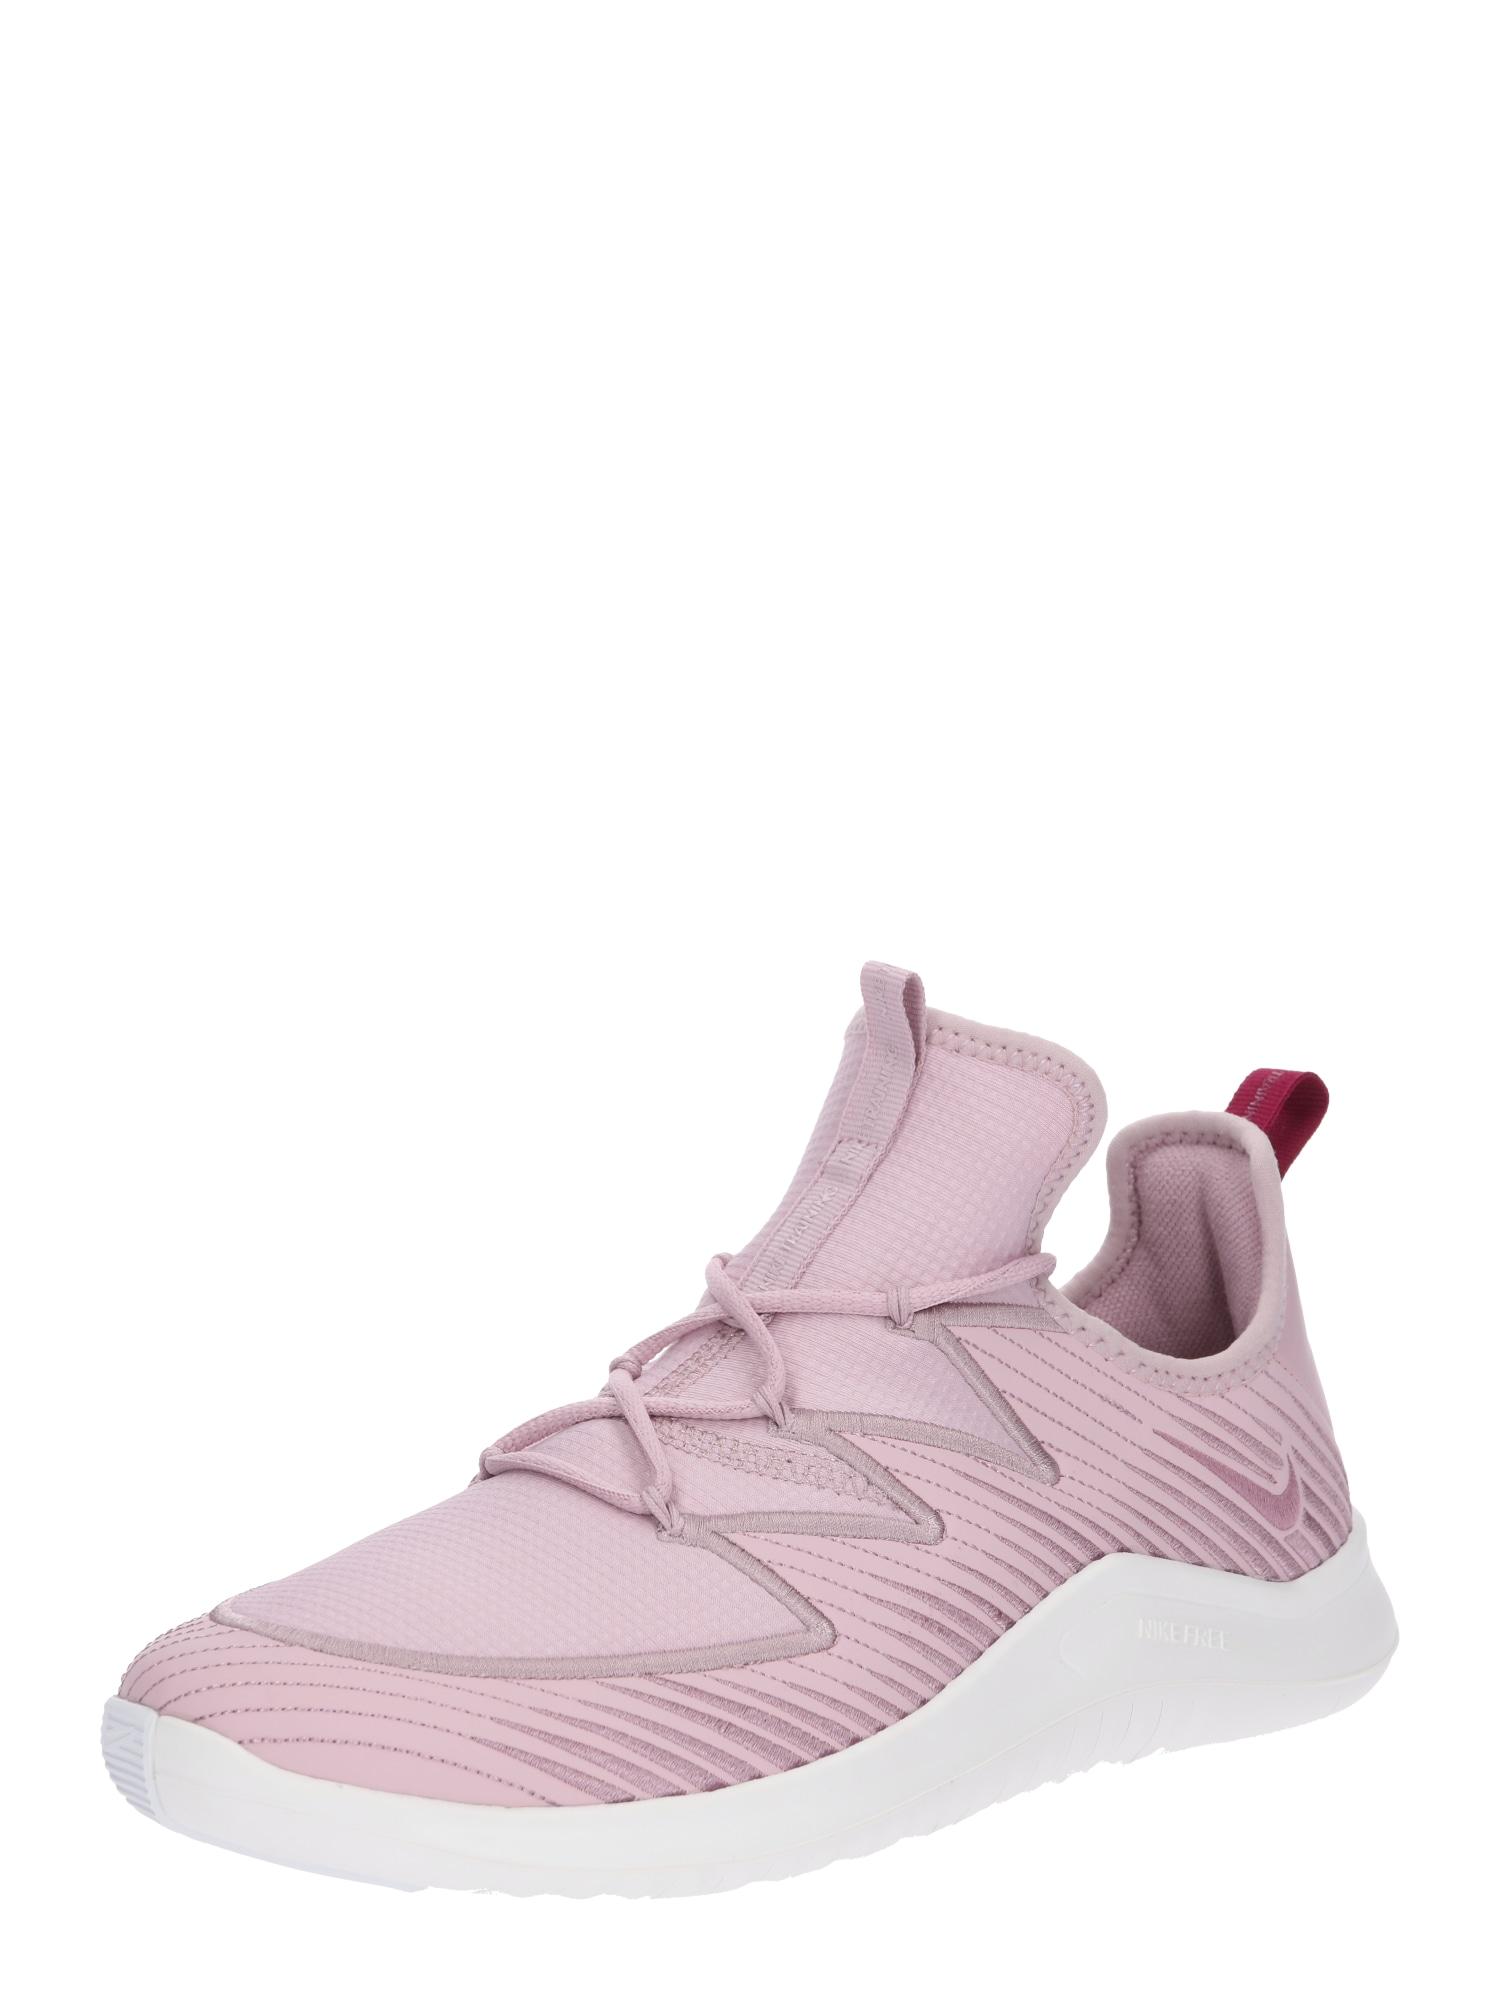 Sportovní boty Nike Free TR 9 růžová NIKE